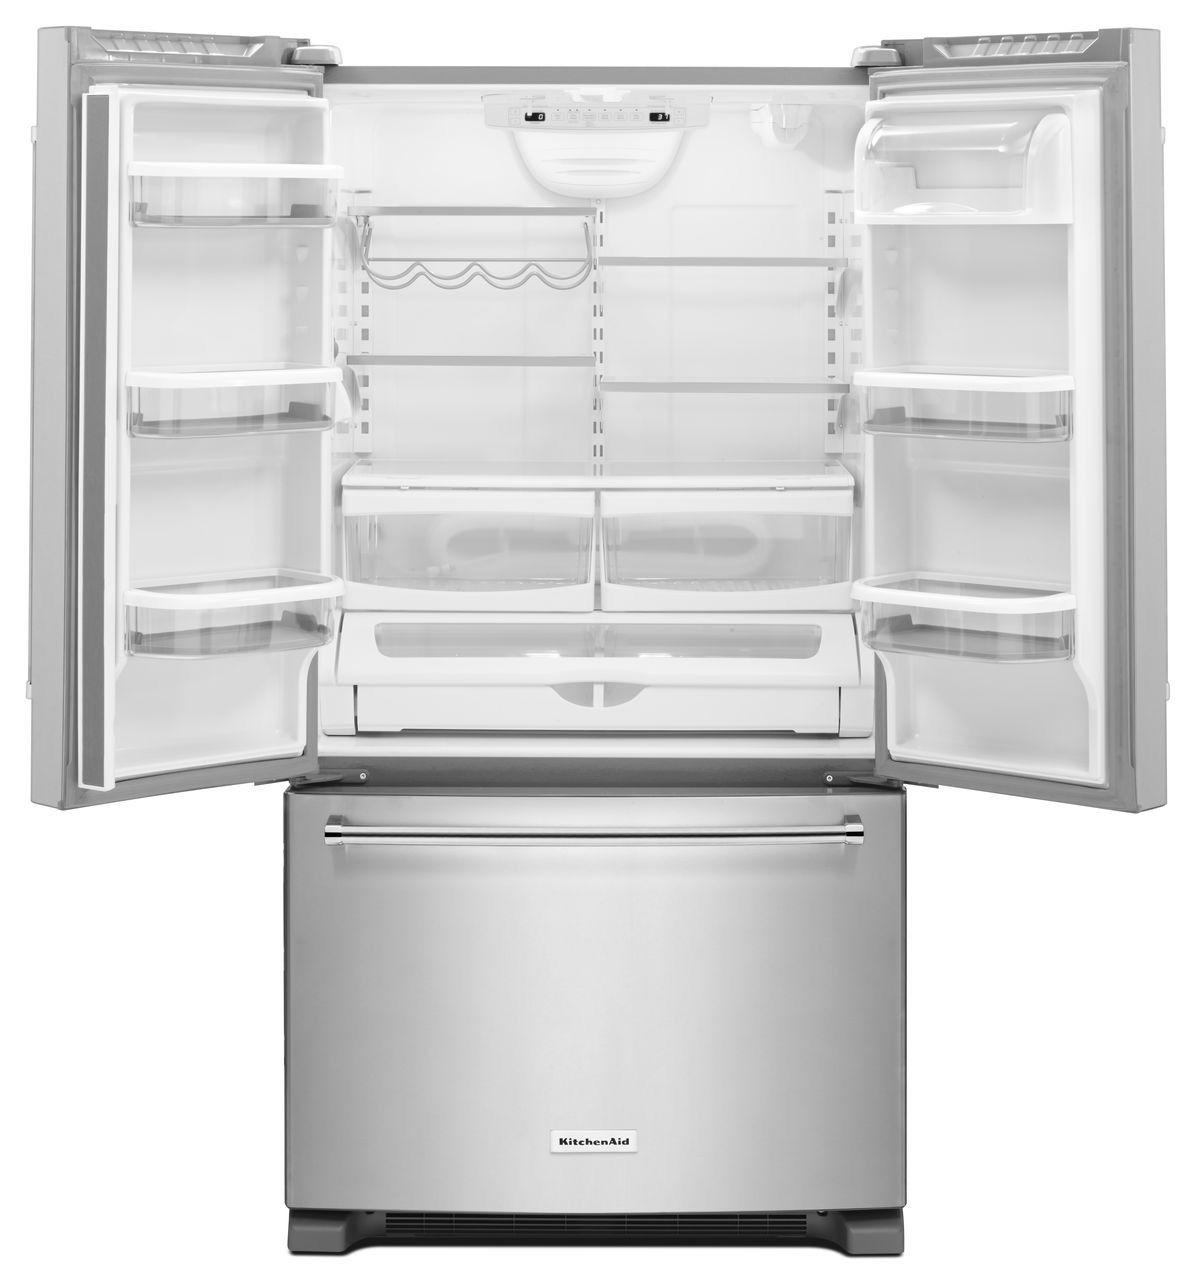 KitchenAid French Door Refrigerator - KRFC300ESS